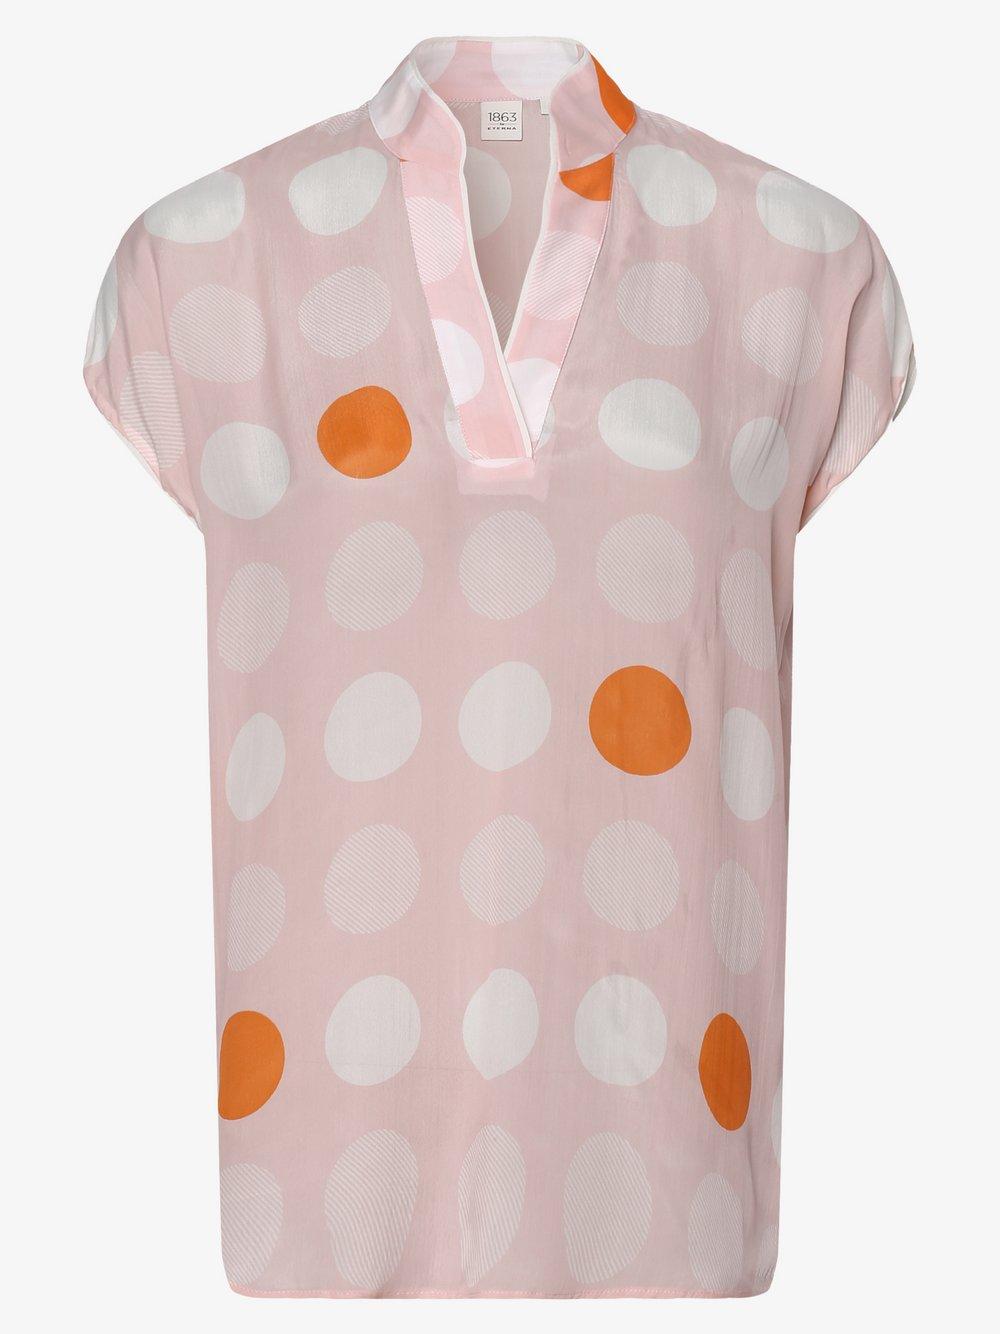 Eterna Premium – Bluzka damska z dodatkiem jedwabiu, różowy Van Graaf 461862-0001-00360